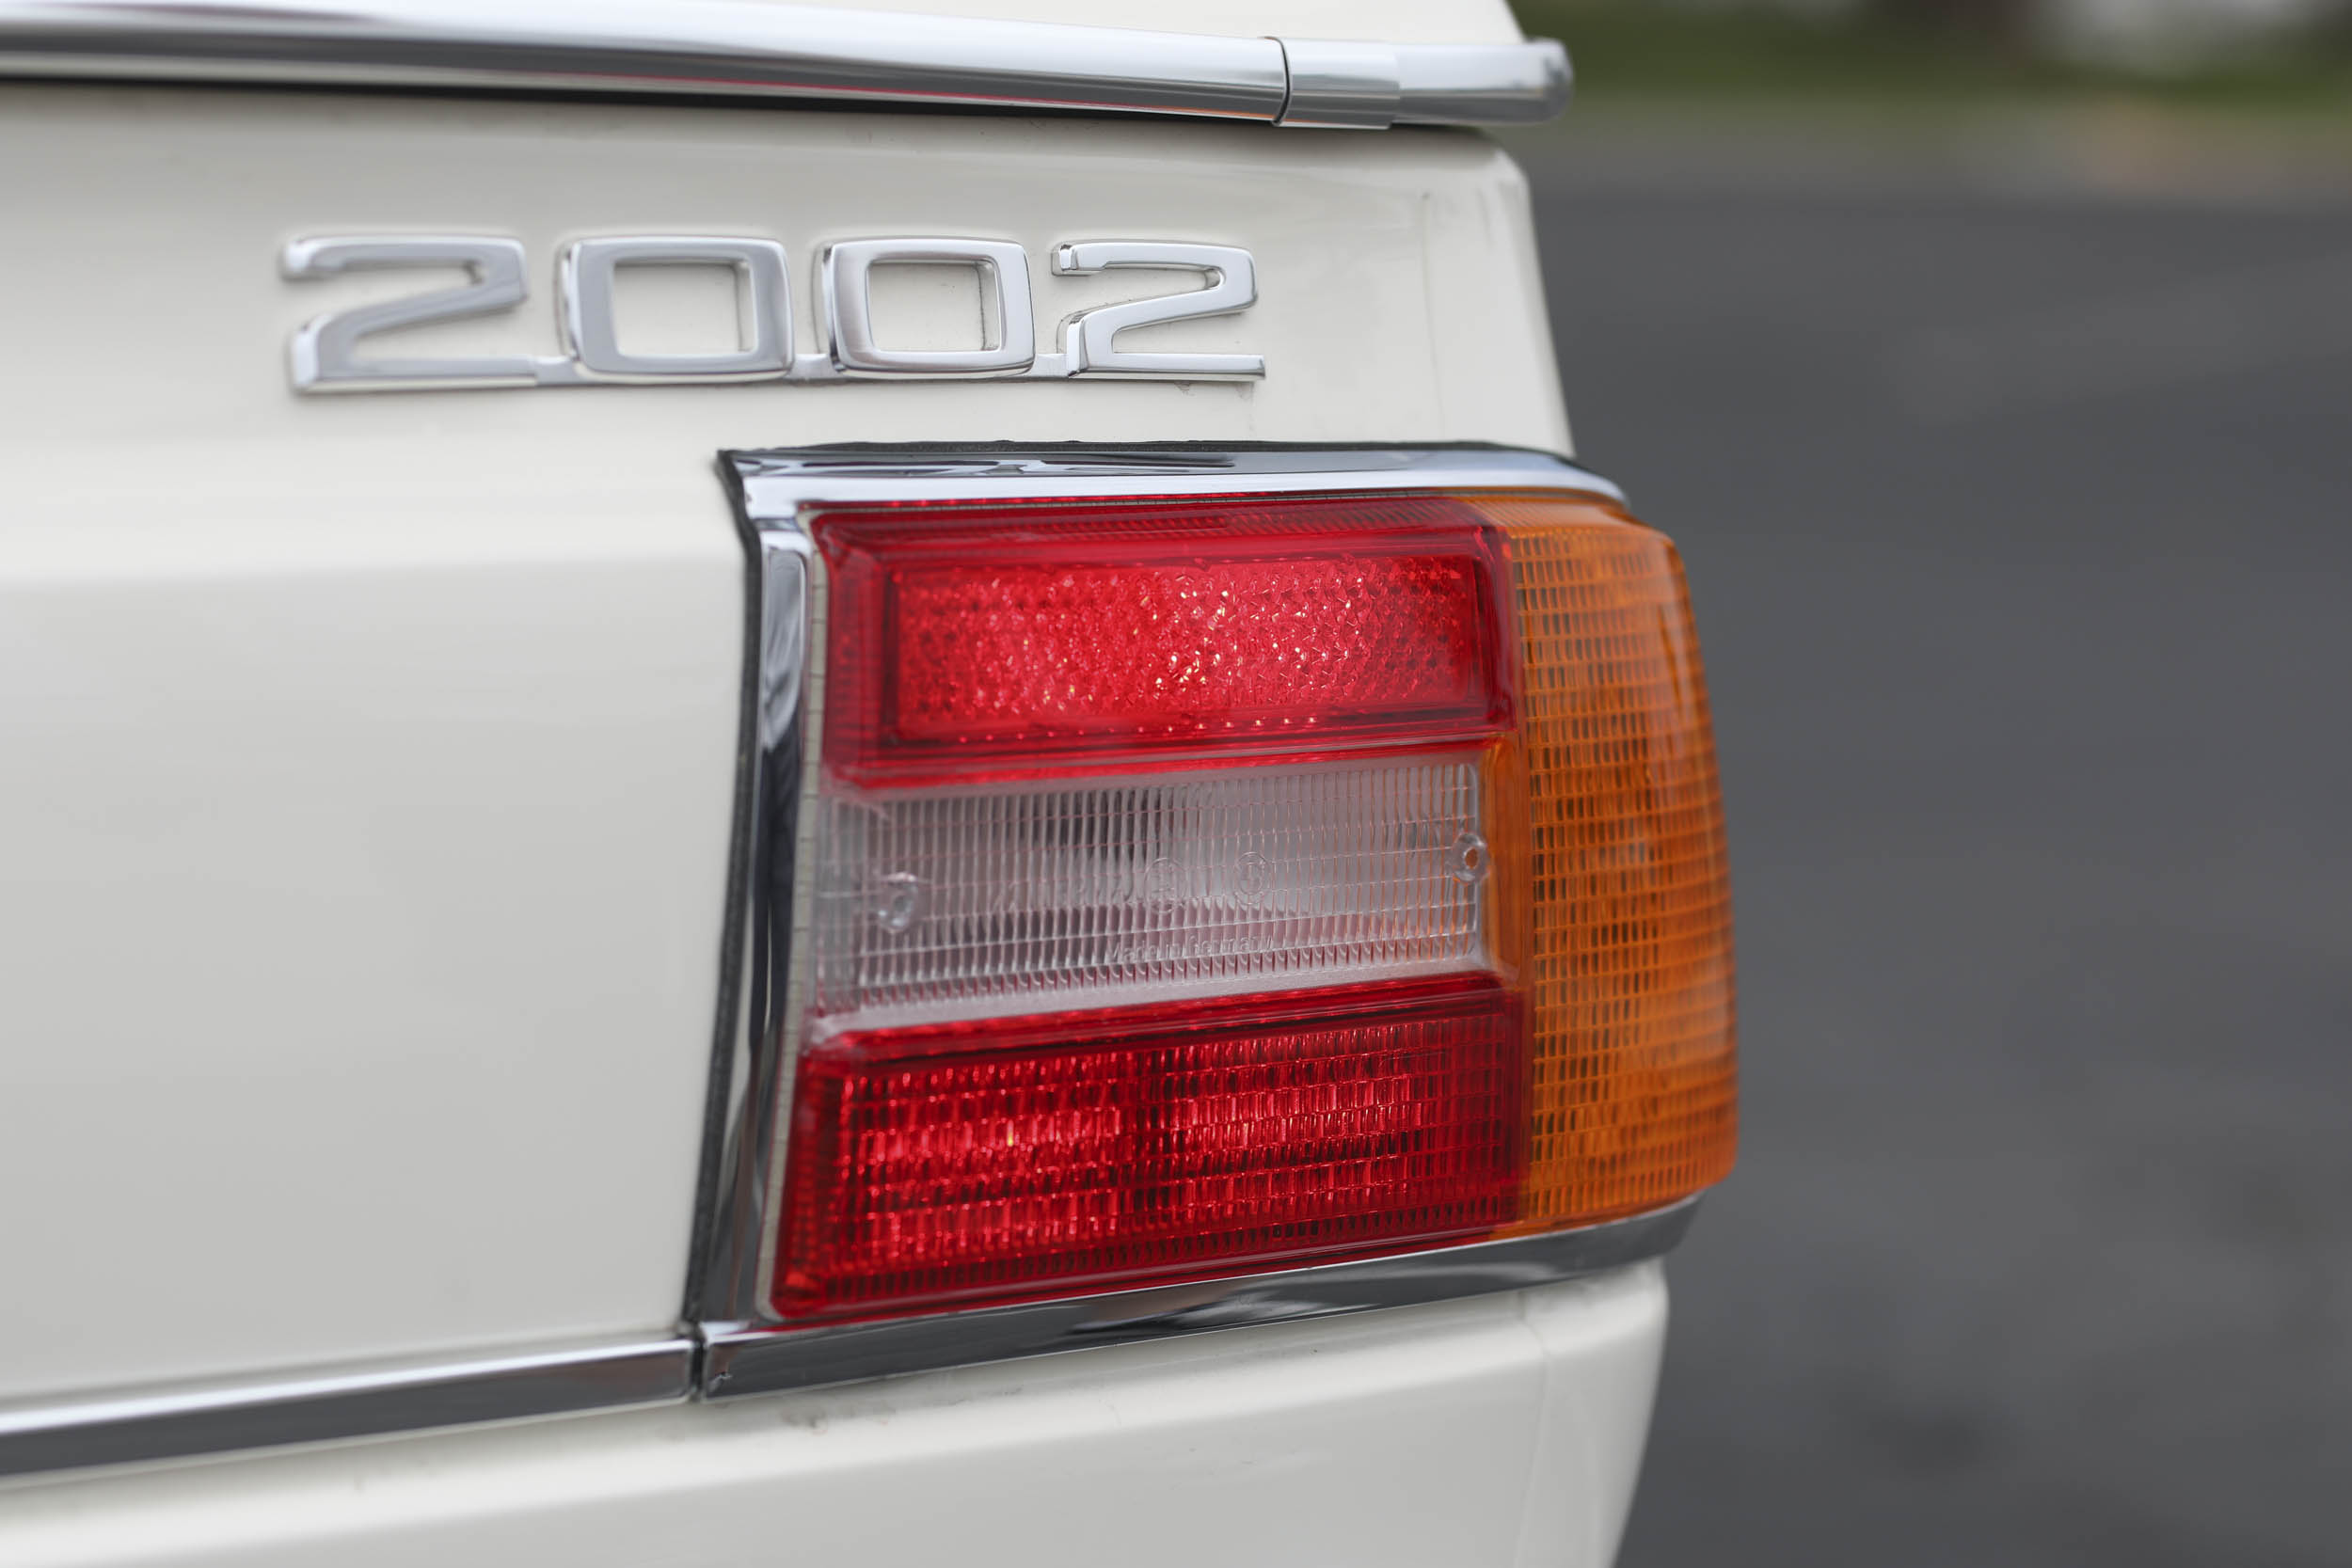 1975 BMW 2002 badge tail light detail